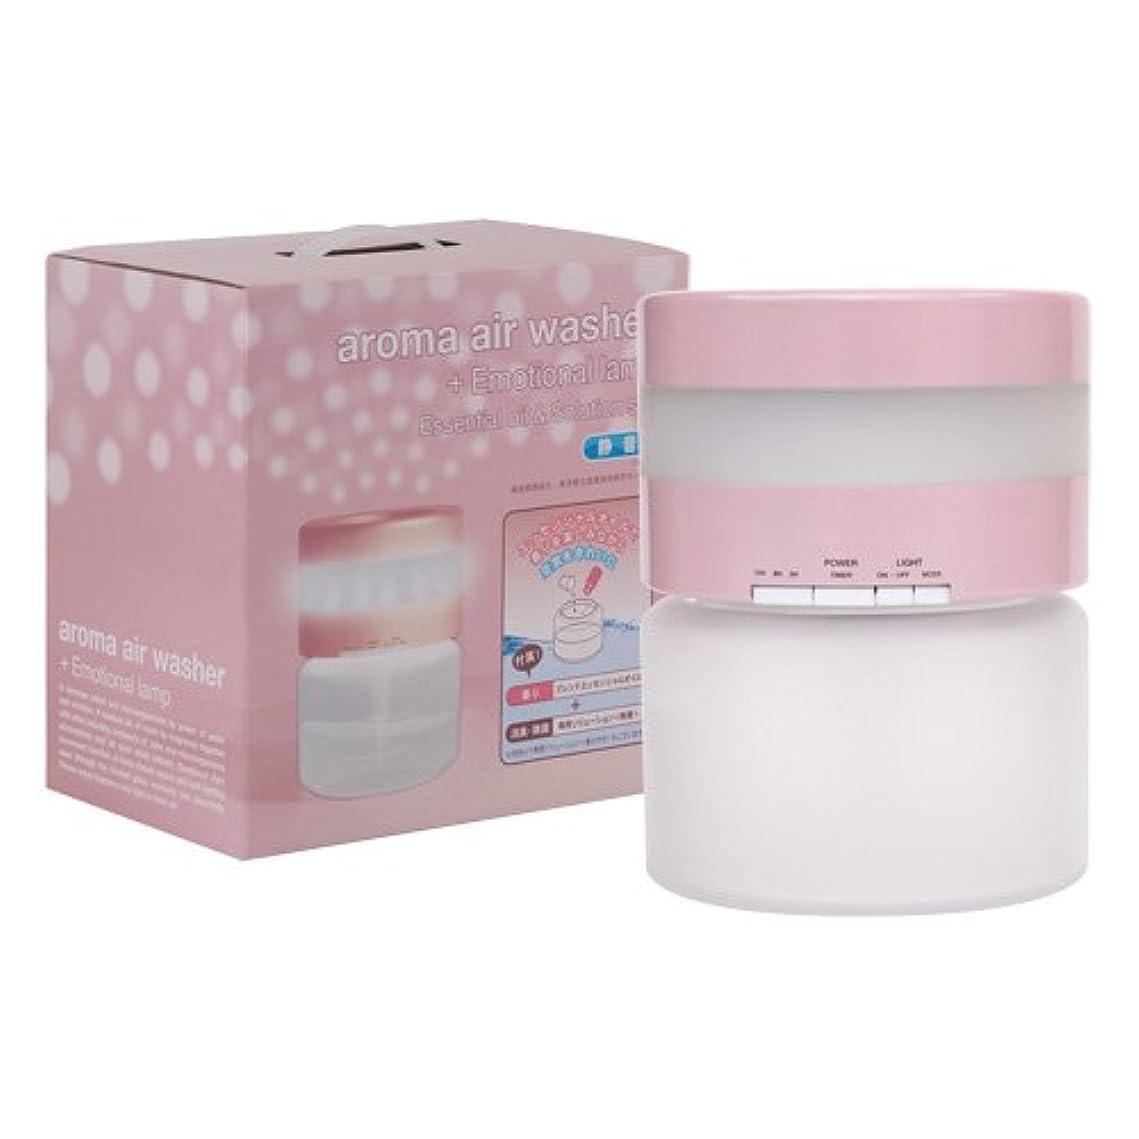 保証する前投薬ヒゲクジラ空気洗浄器 アロマエアウォッシャー + エモーショナルランプ ピンク